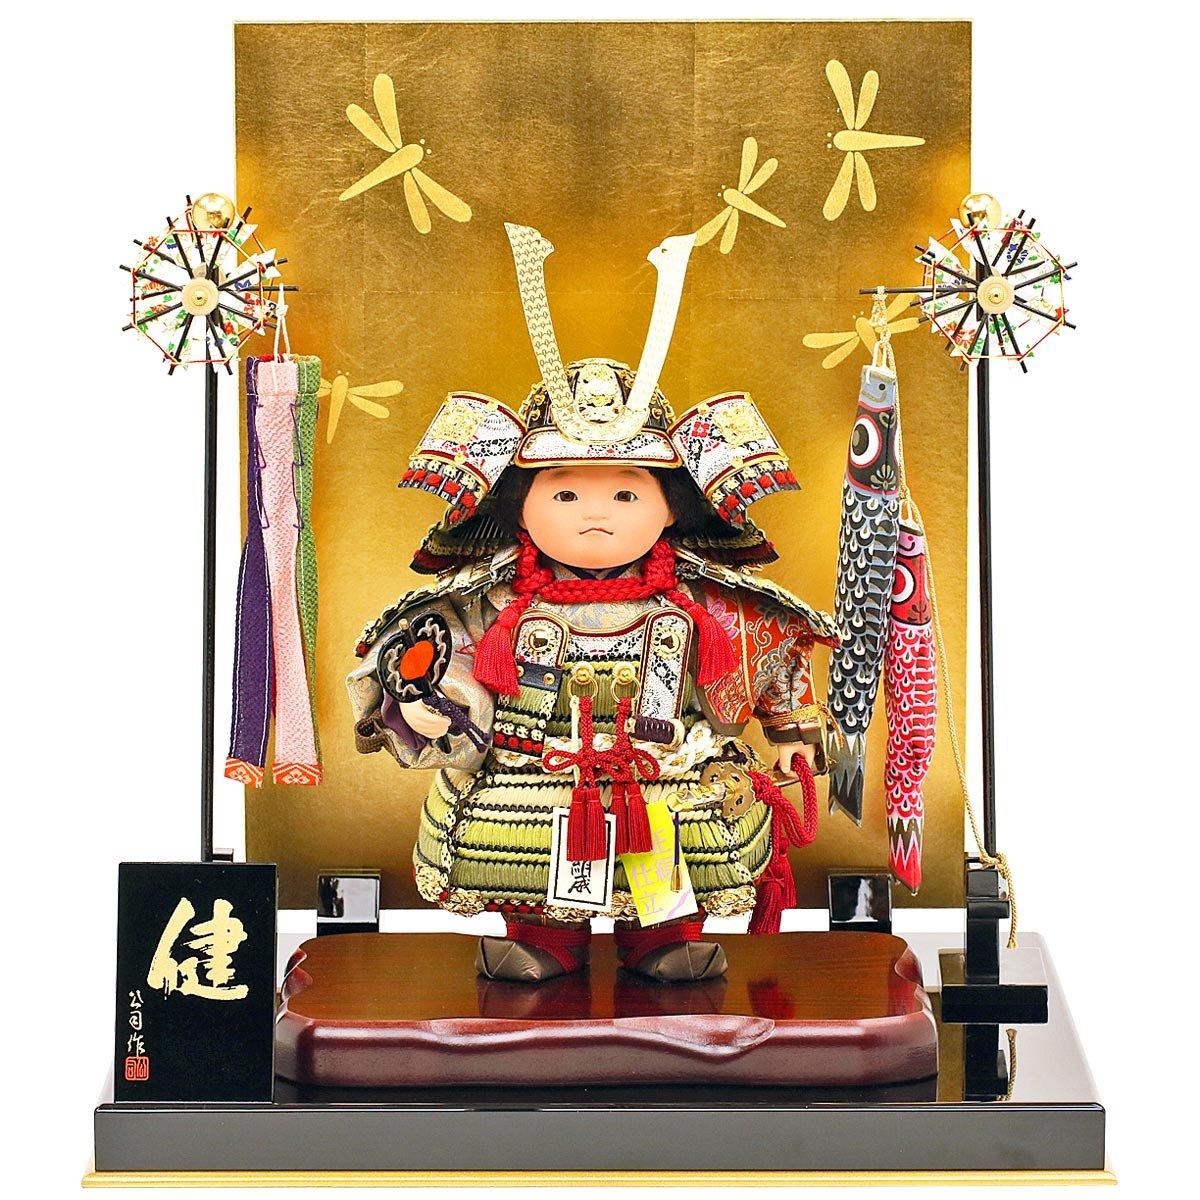 人形工房天祥 五月人形 健ちゃん 子供大将 武者人形 鎧 鎧飾り 甲冑飾り 人形工房天祥オリジナル すこやかシリーズ 健ちゃん 鎧着 B01N7X7TVE